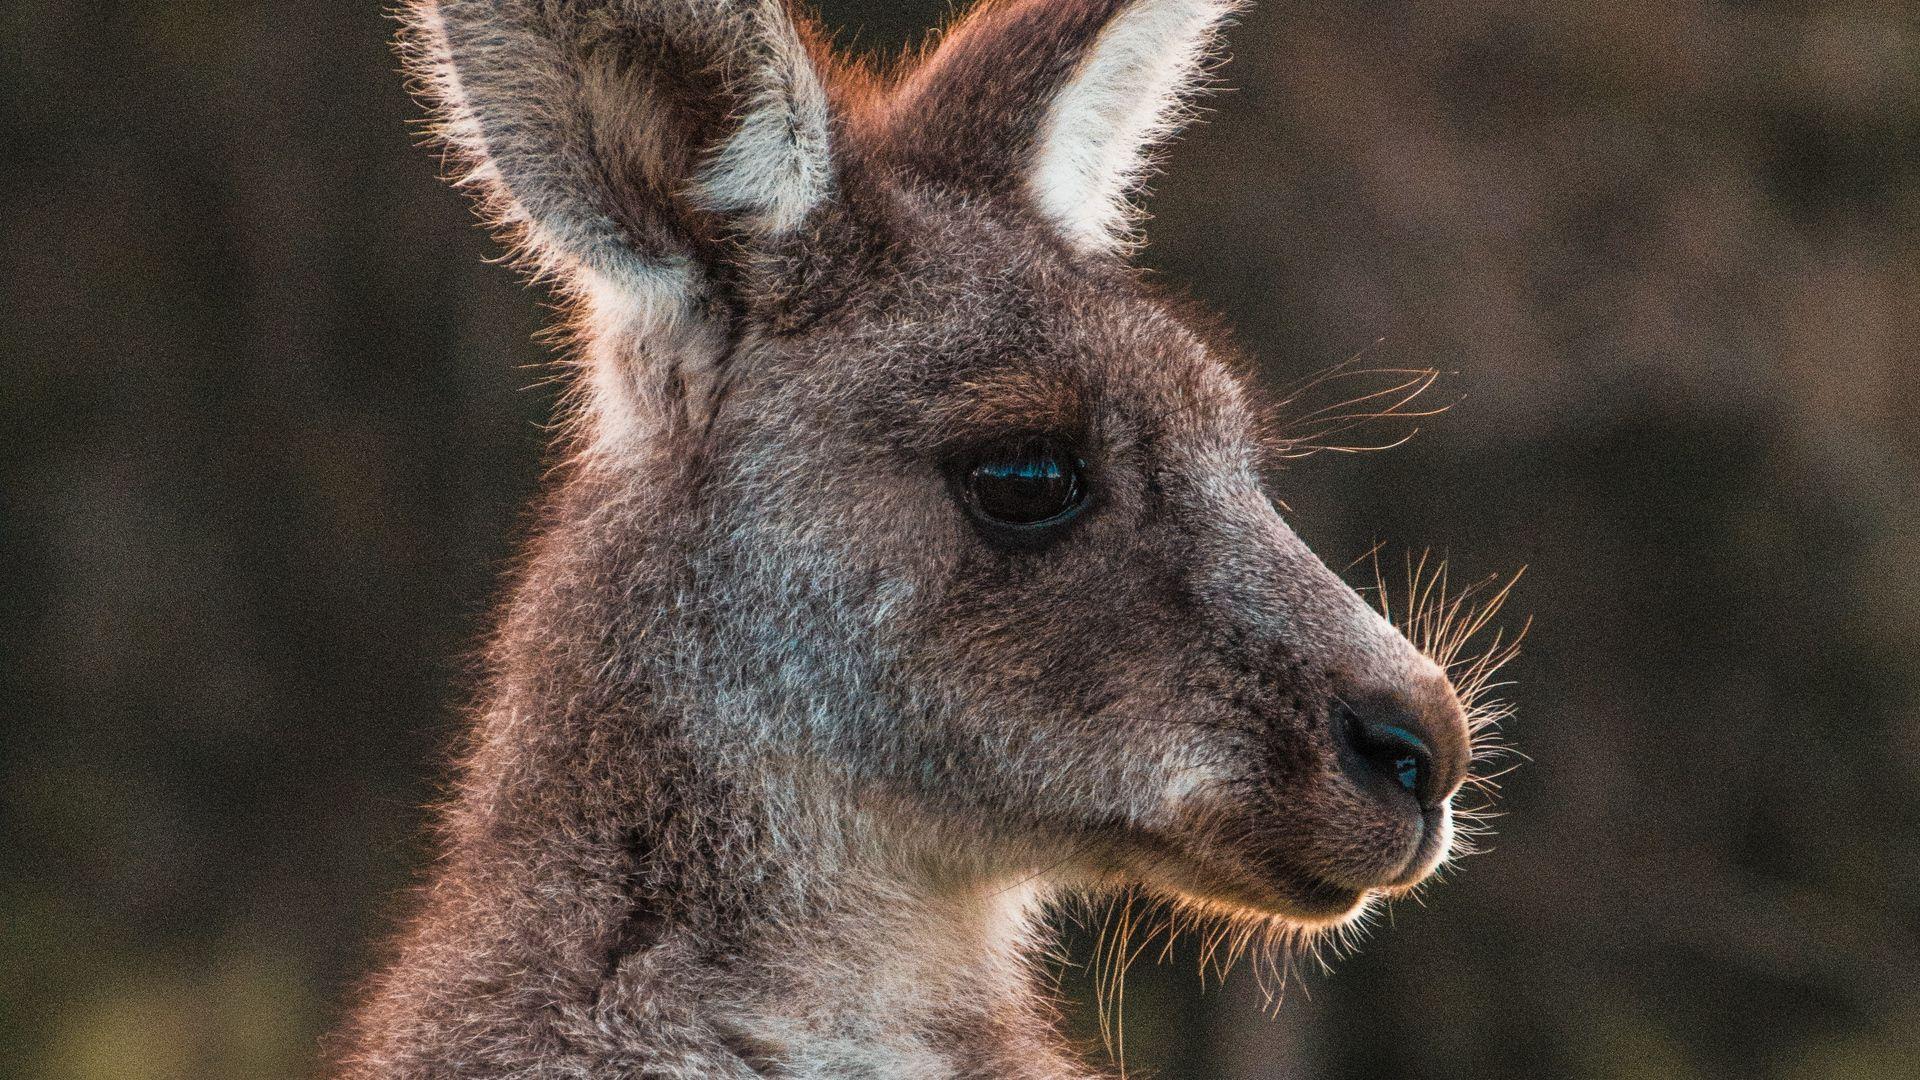 Kangaroo Cute Pictures